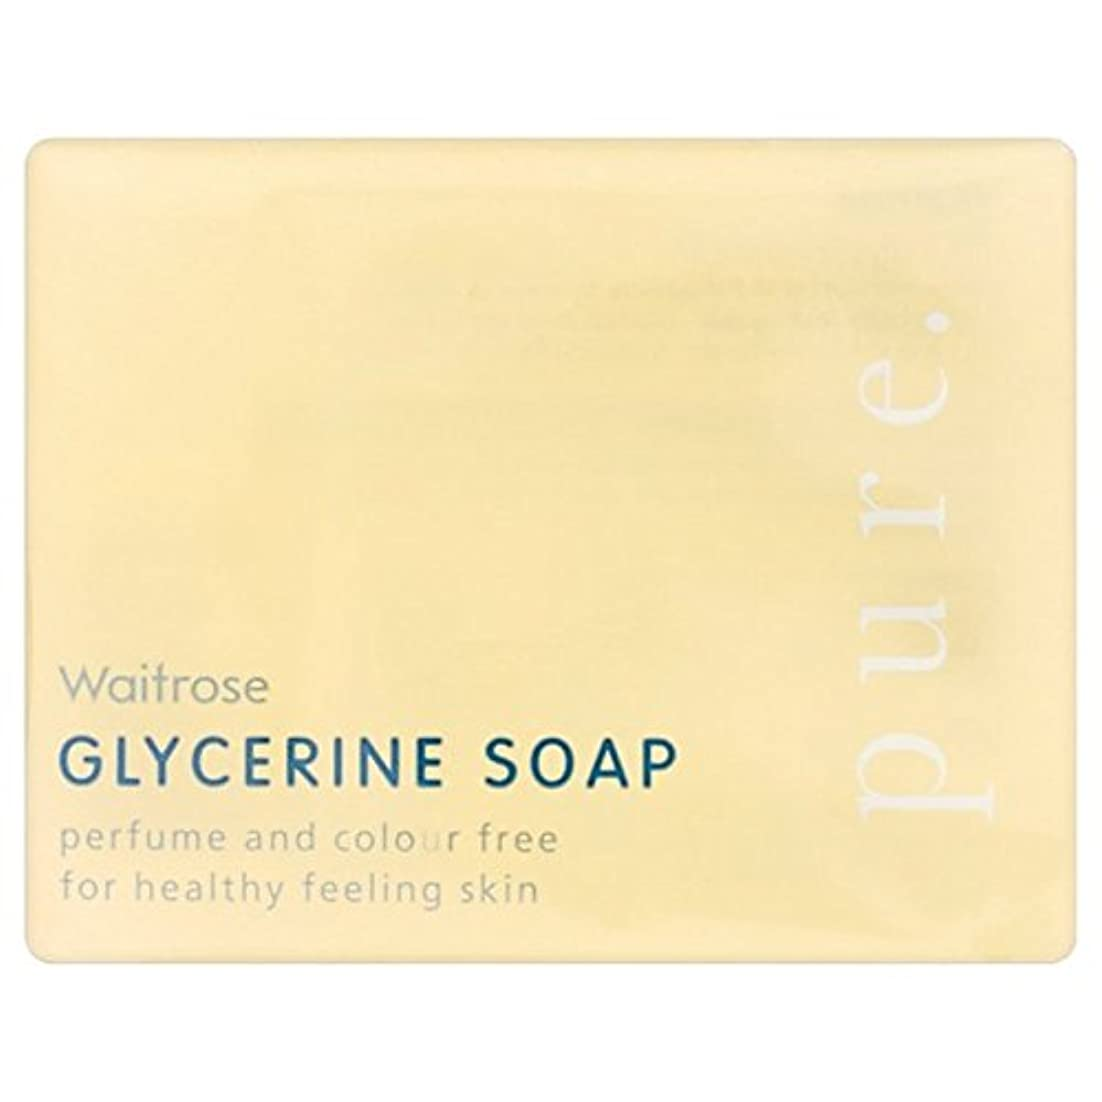 ガウン最後のでPure Glycerine Soap Waitrose 100g (Pack of 6) - 純粋なグリセリンソープウェイトローズの100グラム x6 [並行輸入品]